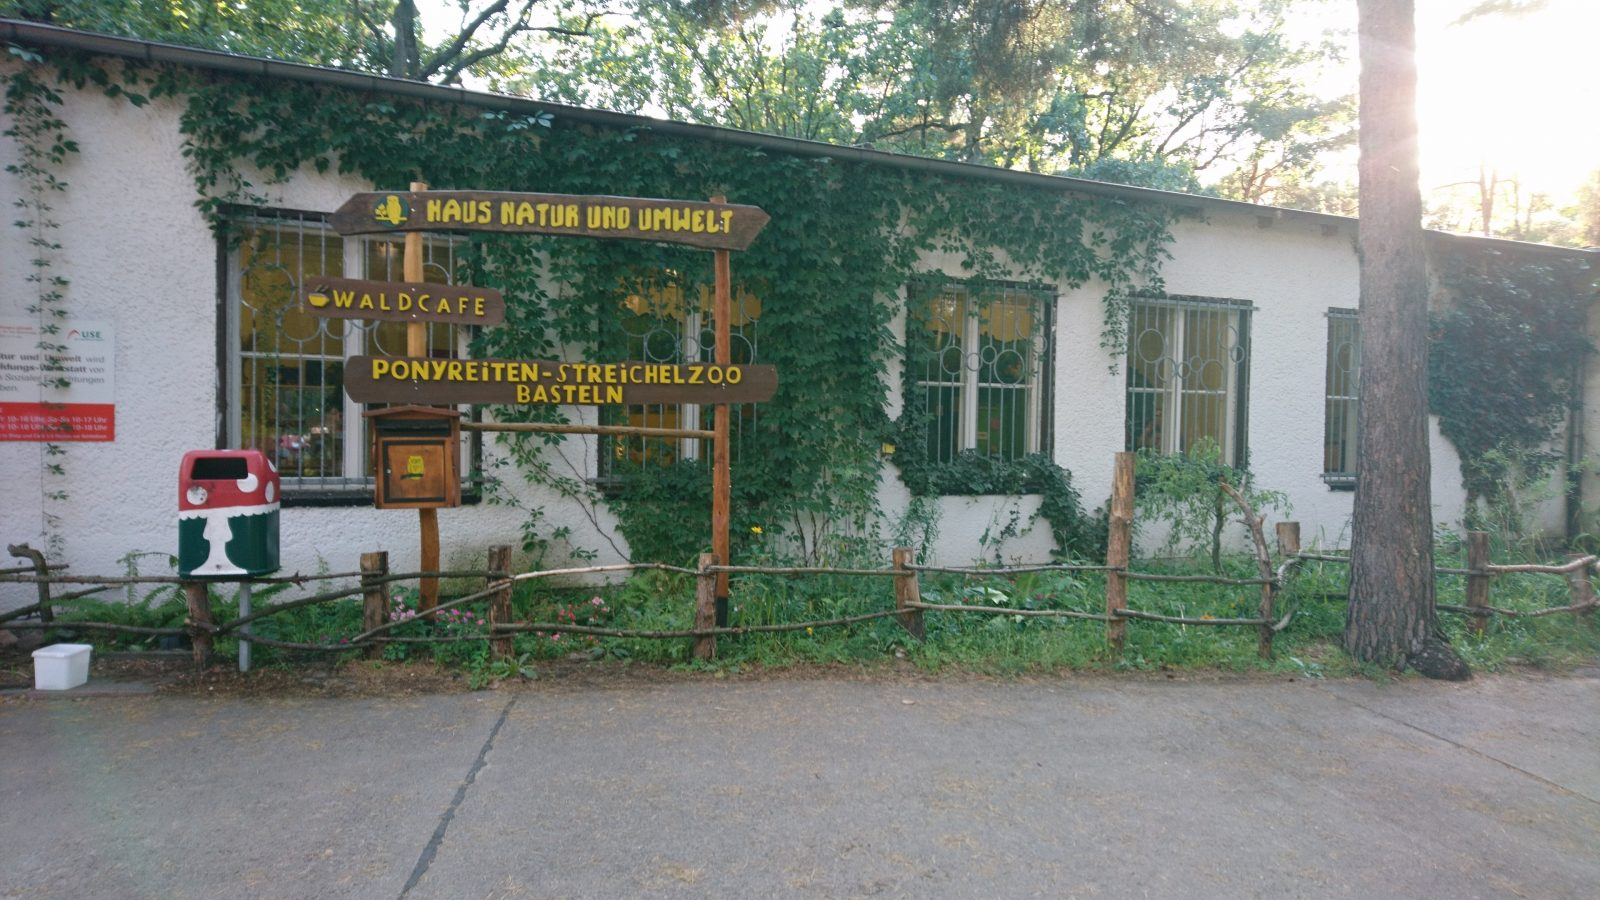 Ein Besuch im Haus Natur und Umwelt in Berlin